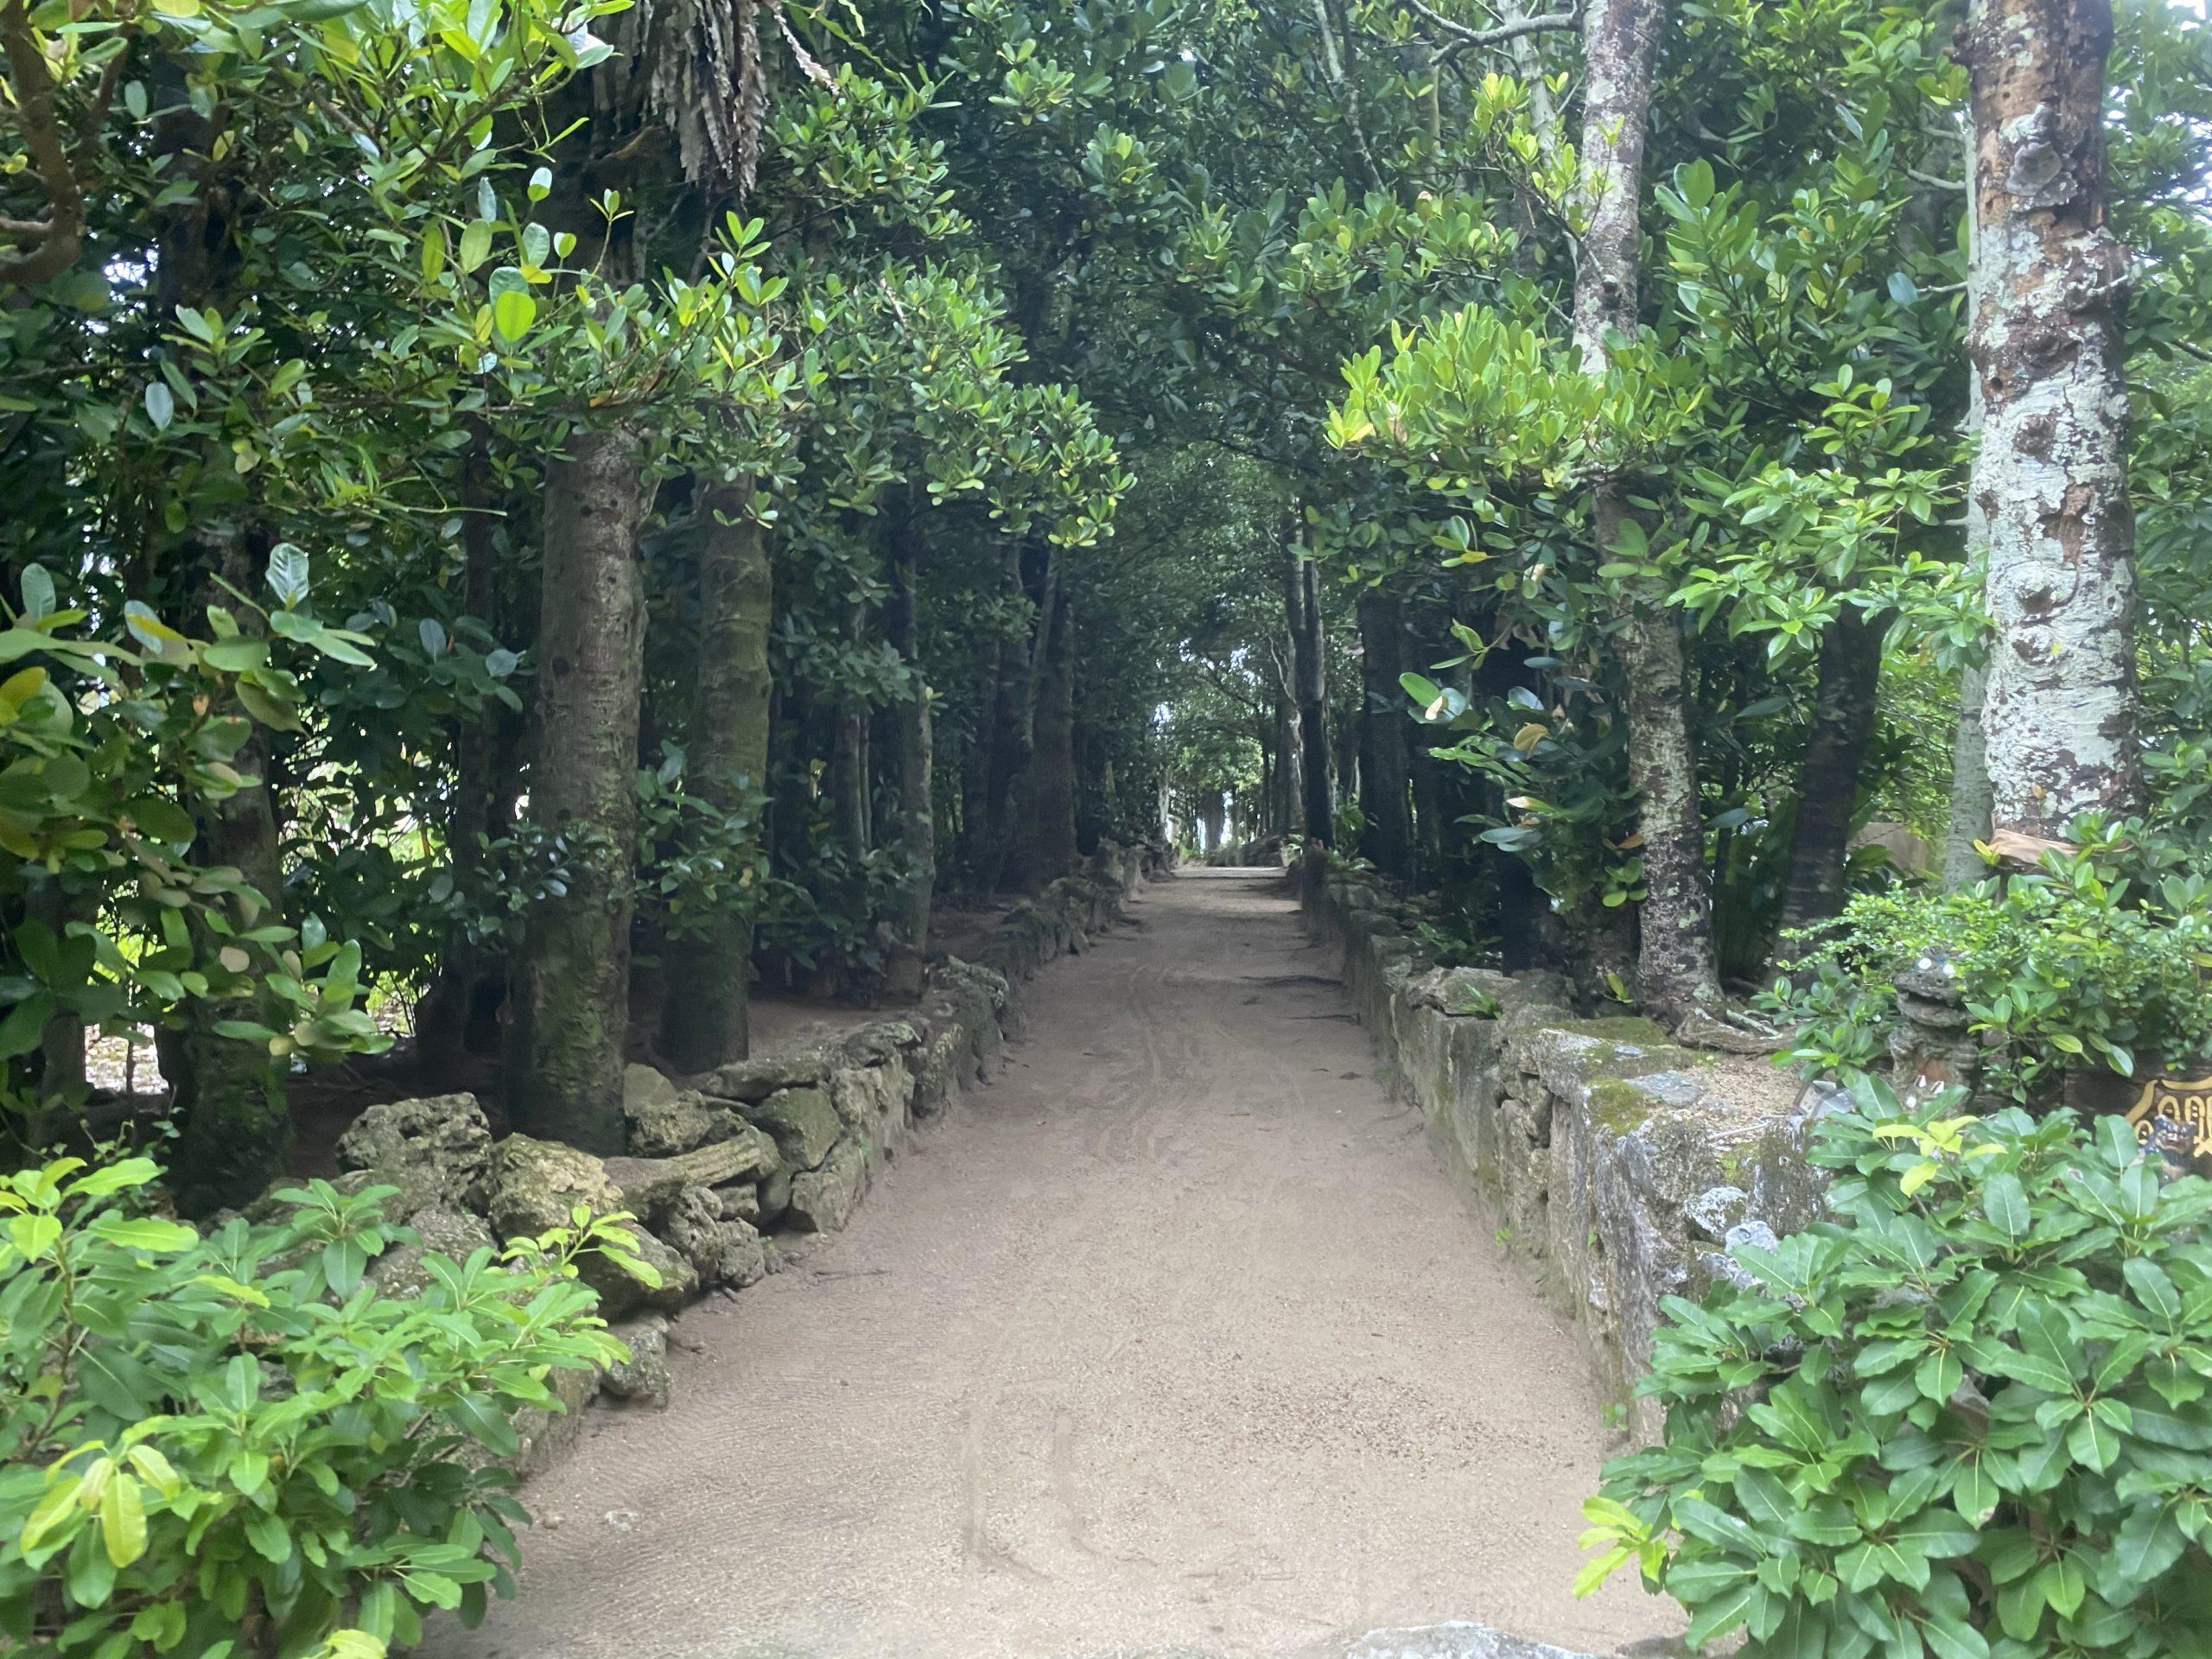 沖縄の備瀬にある【フクギ並木】観光スポット写真をいっぱい撮ってきました。